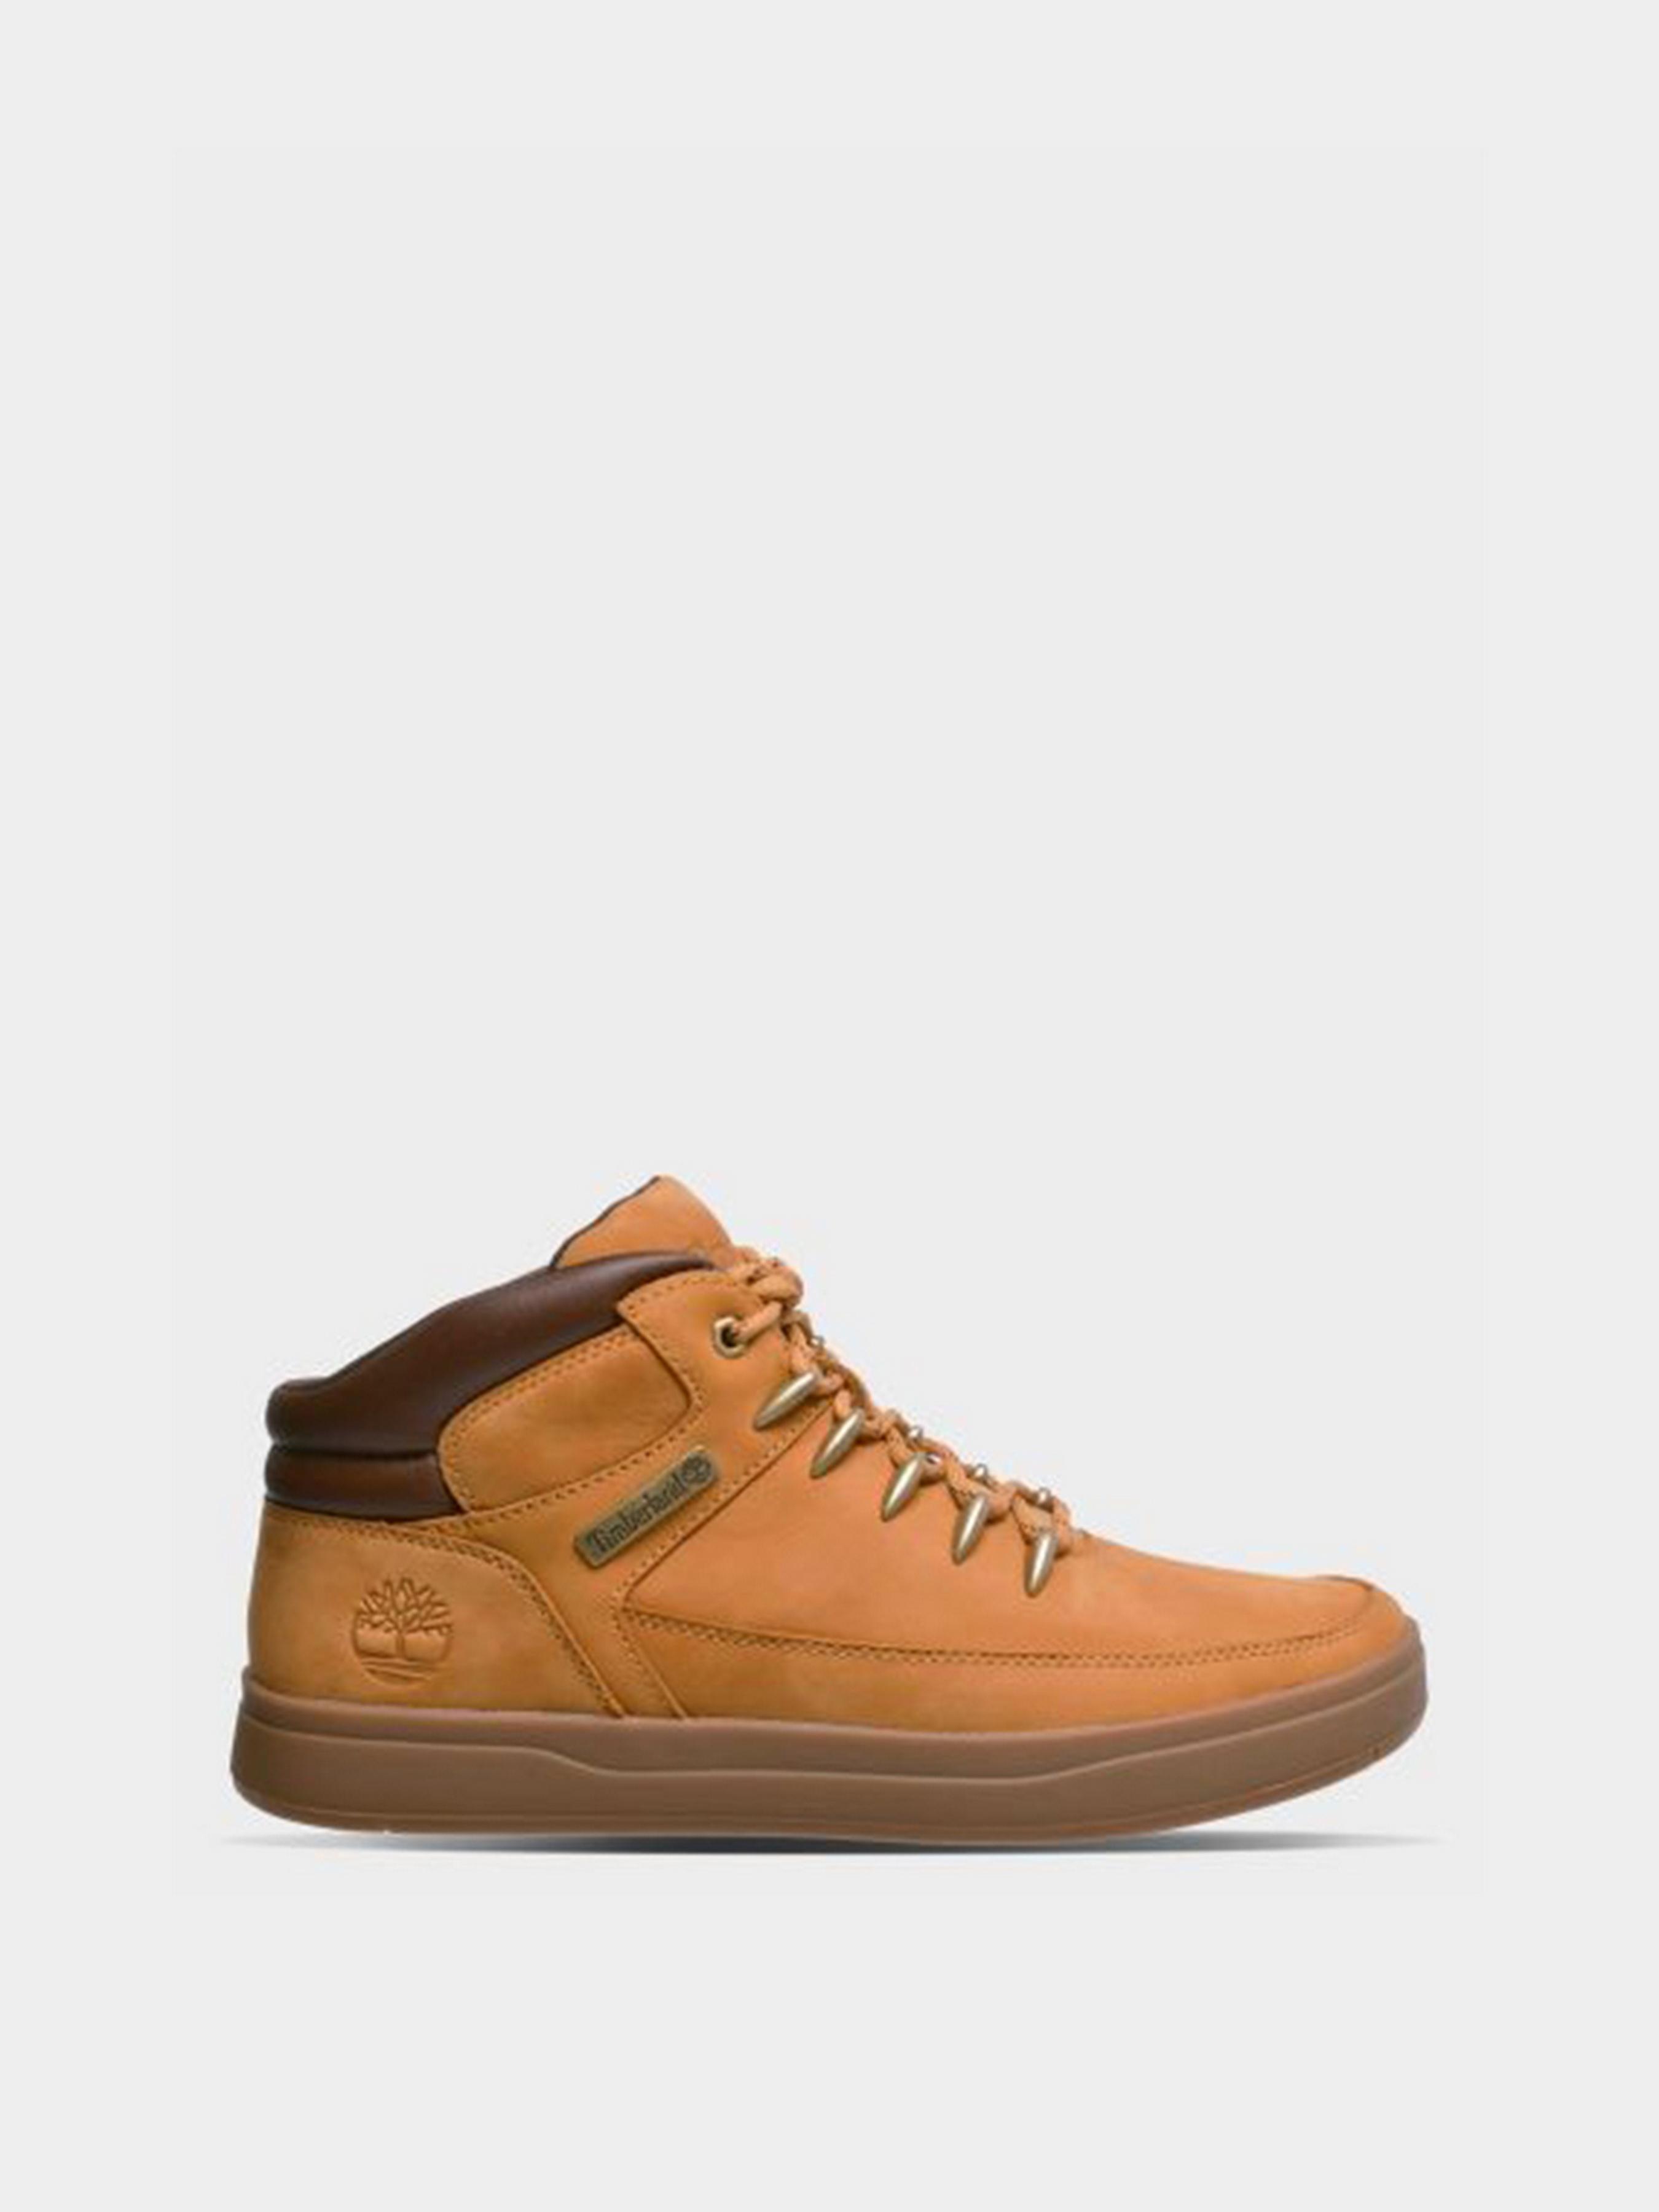 Купить Ботинки мужские Timberland Davis Square TF3985, Желтый